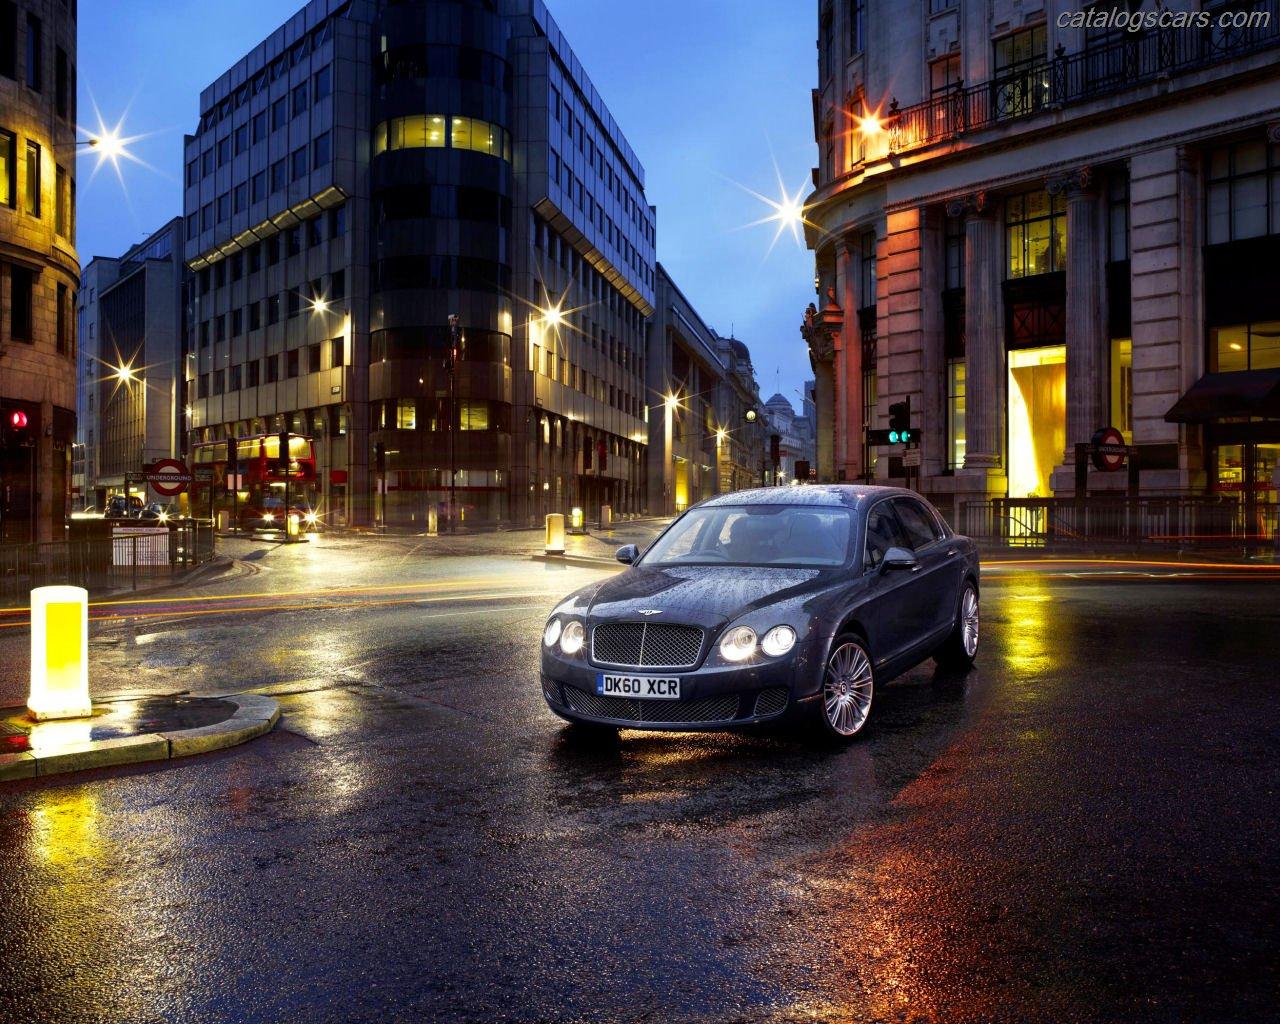 صور سيارة بنتلى كونتيننتال سيريس 51 2012 - اجمل خلفيات صور عربية بنتلى كونتيننتال سيريس 51 2012 - Bentley Continental Series 51 Photos Bentley-Continental-Series-51-2011-07.jpg